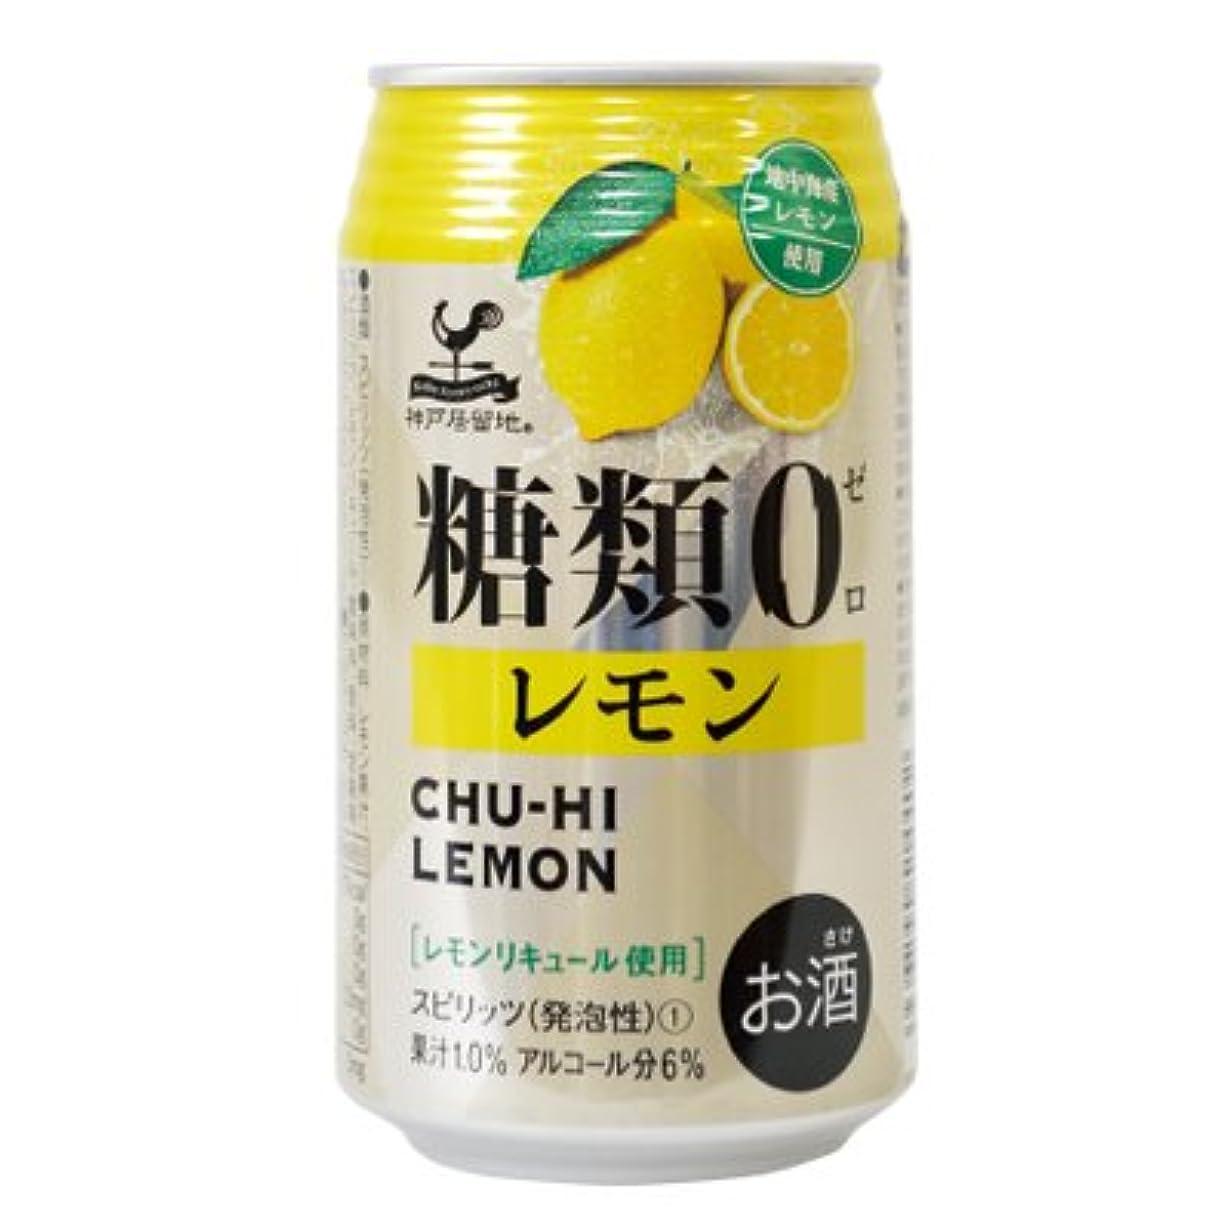 トランペット書き込み角度神戸居留地 チューハイ レモン 糖類ゼロ 350ml×24本